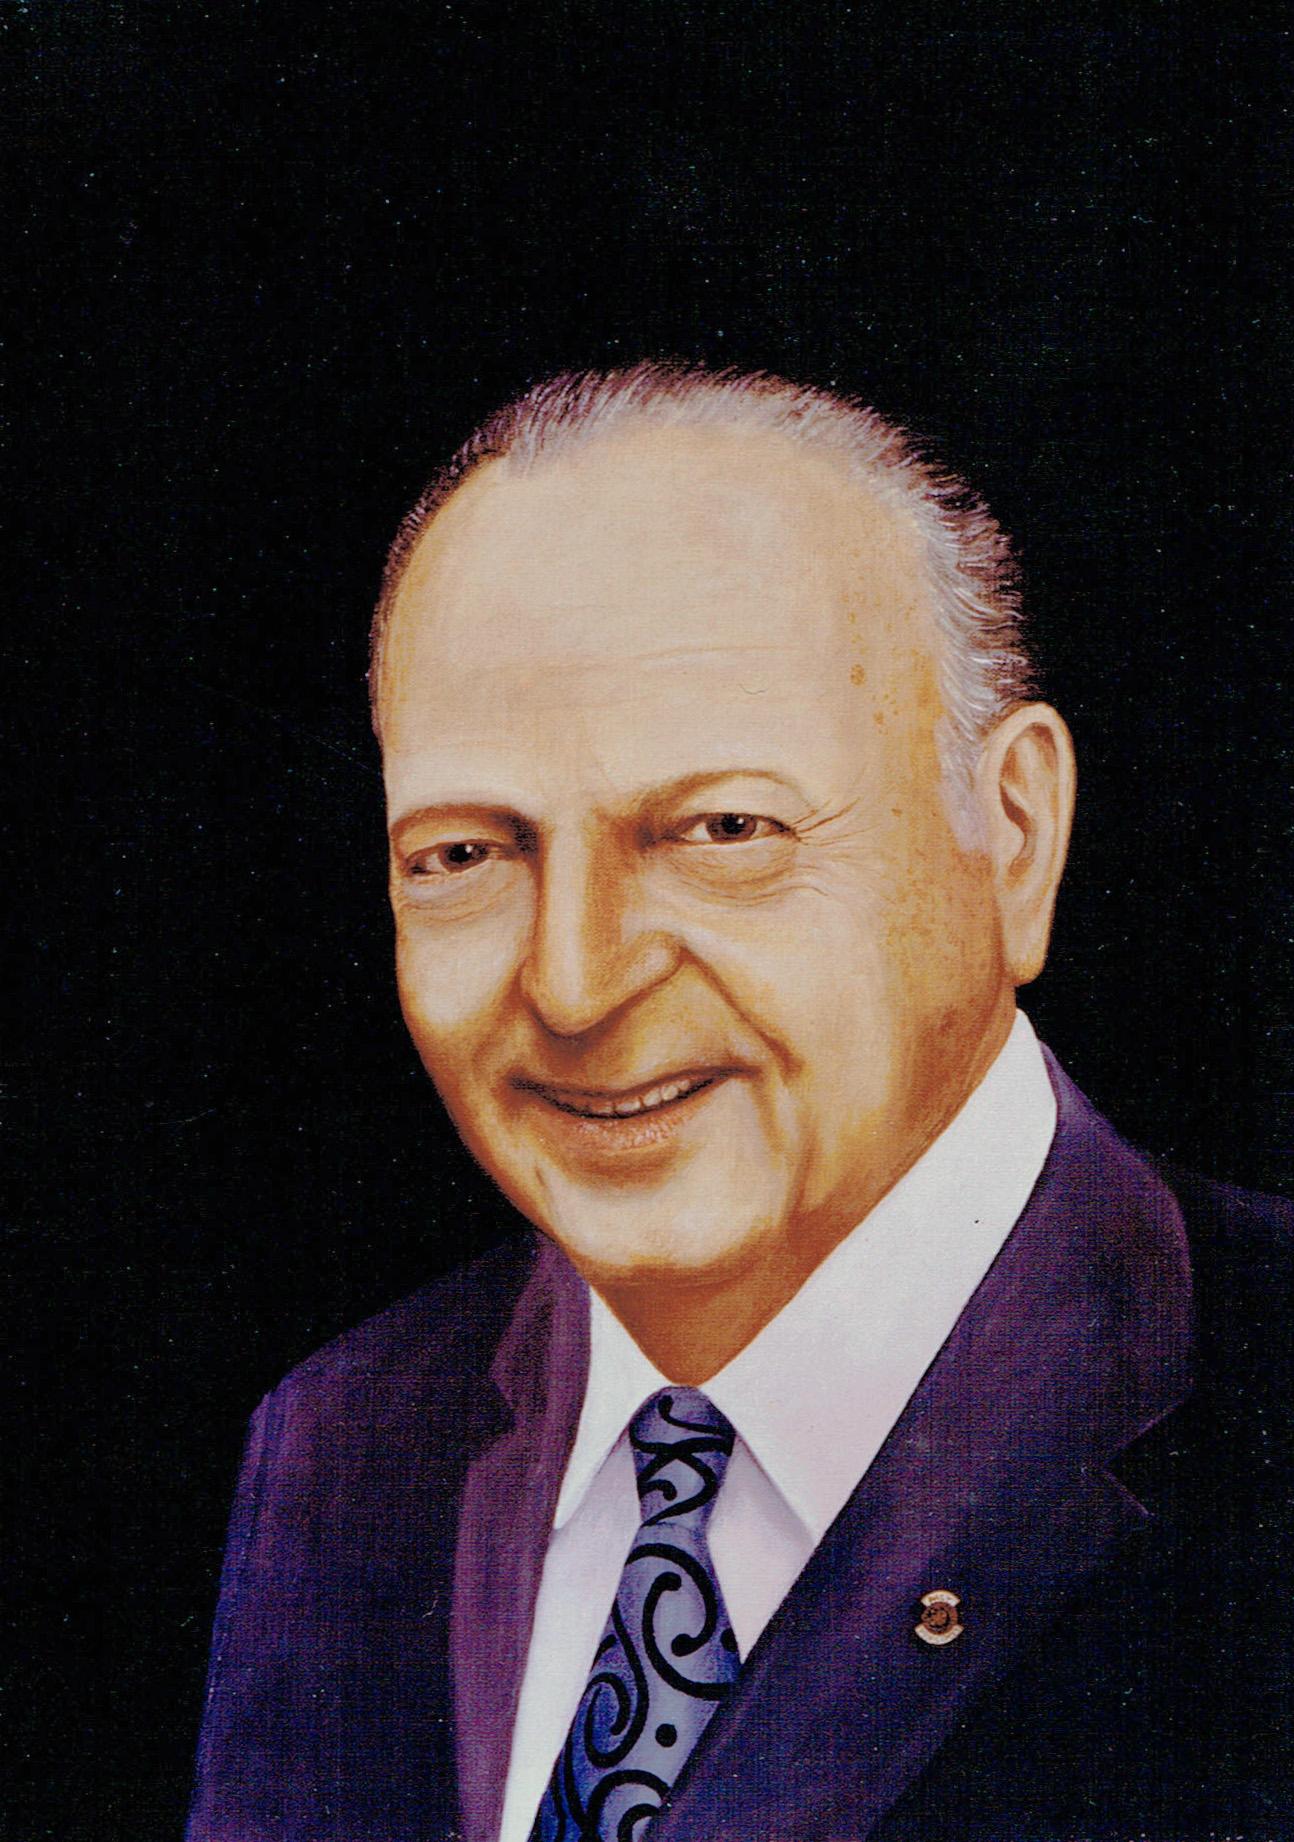 """ריכרד שטראוס,מייסד חברת """"שטראוס"""" שמן על בד,40X50 ס""""מ, נהריה."""